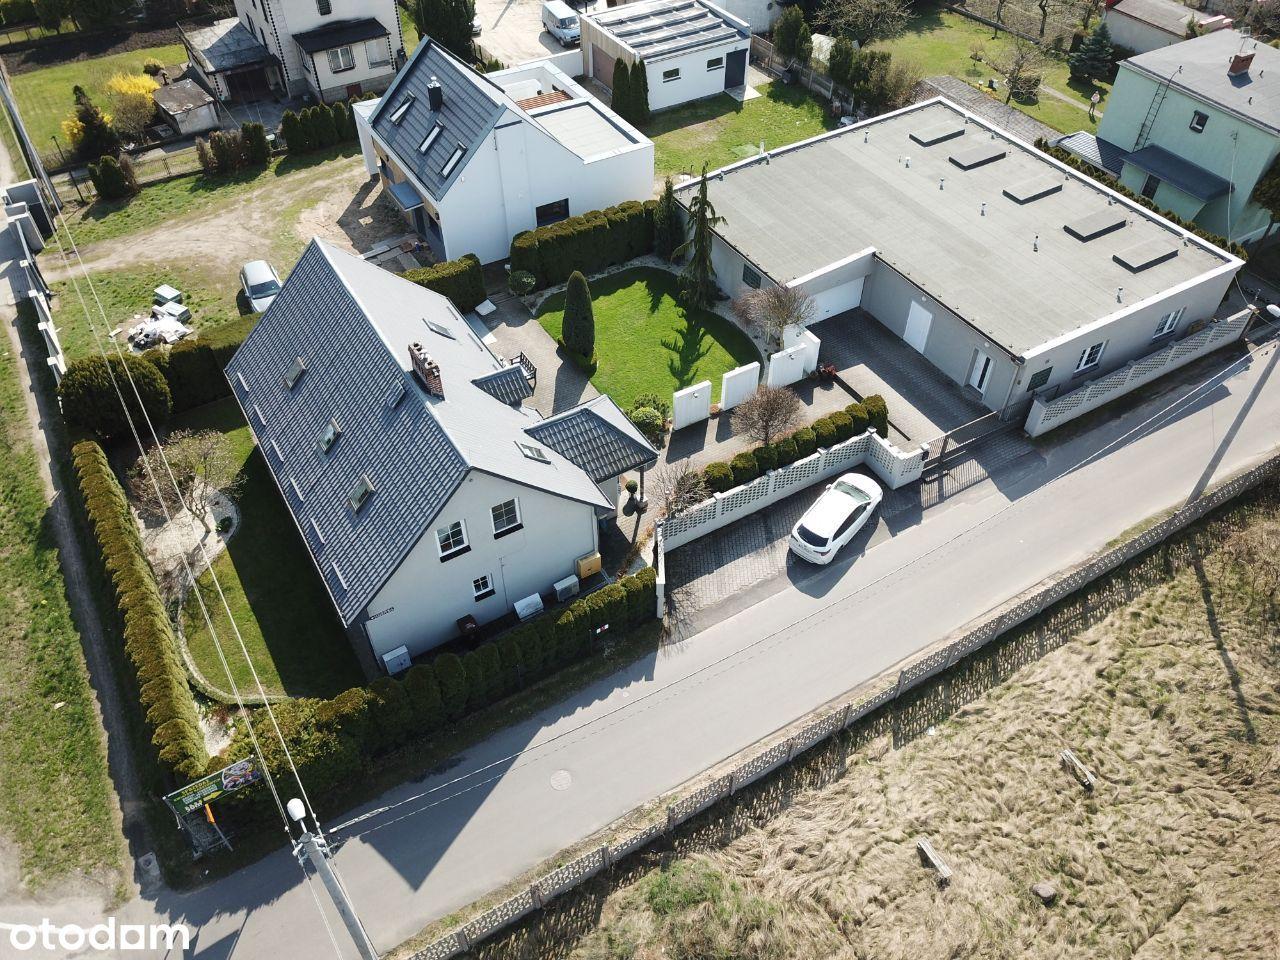 Dom i budynek na działalność gospodarczą - Gniezno